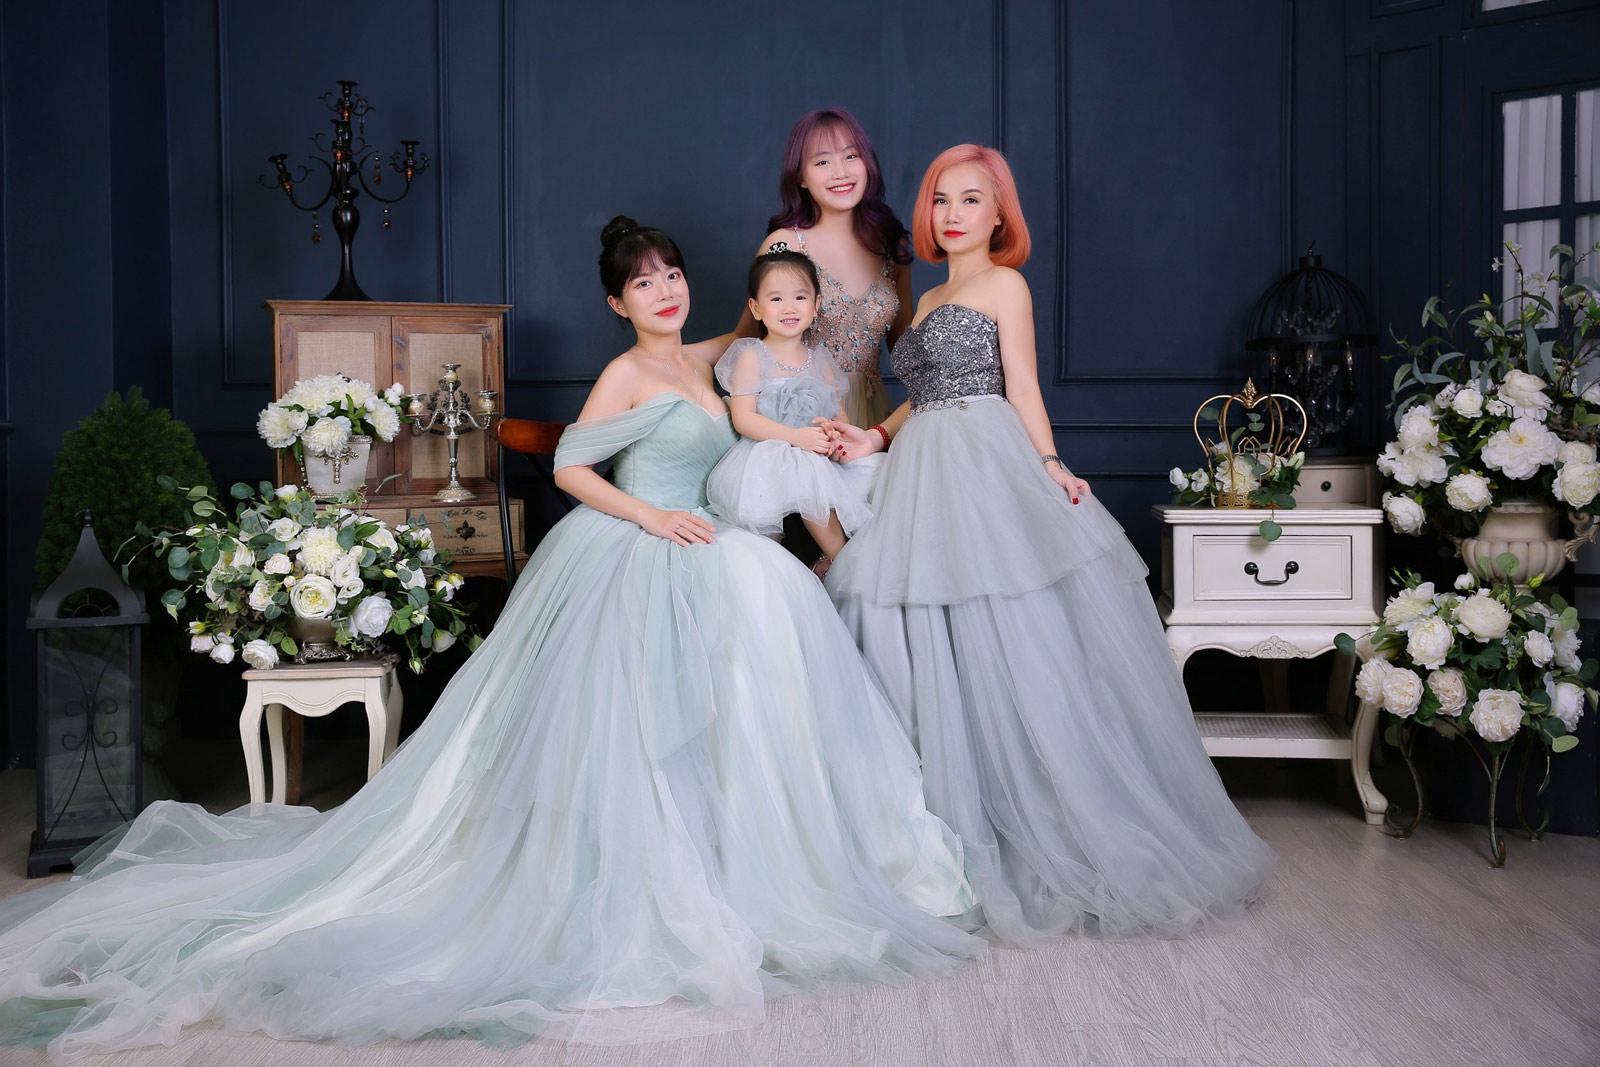 44 tuổi, diễn viên Hoàng Yến trẻ đẹp bên 3 con - 1